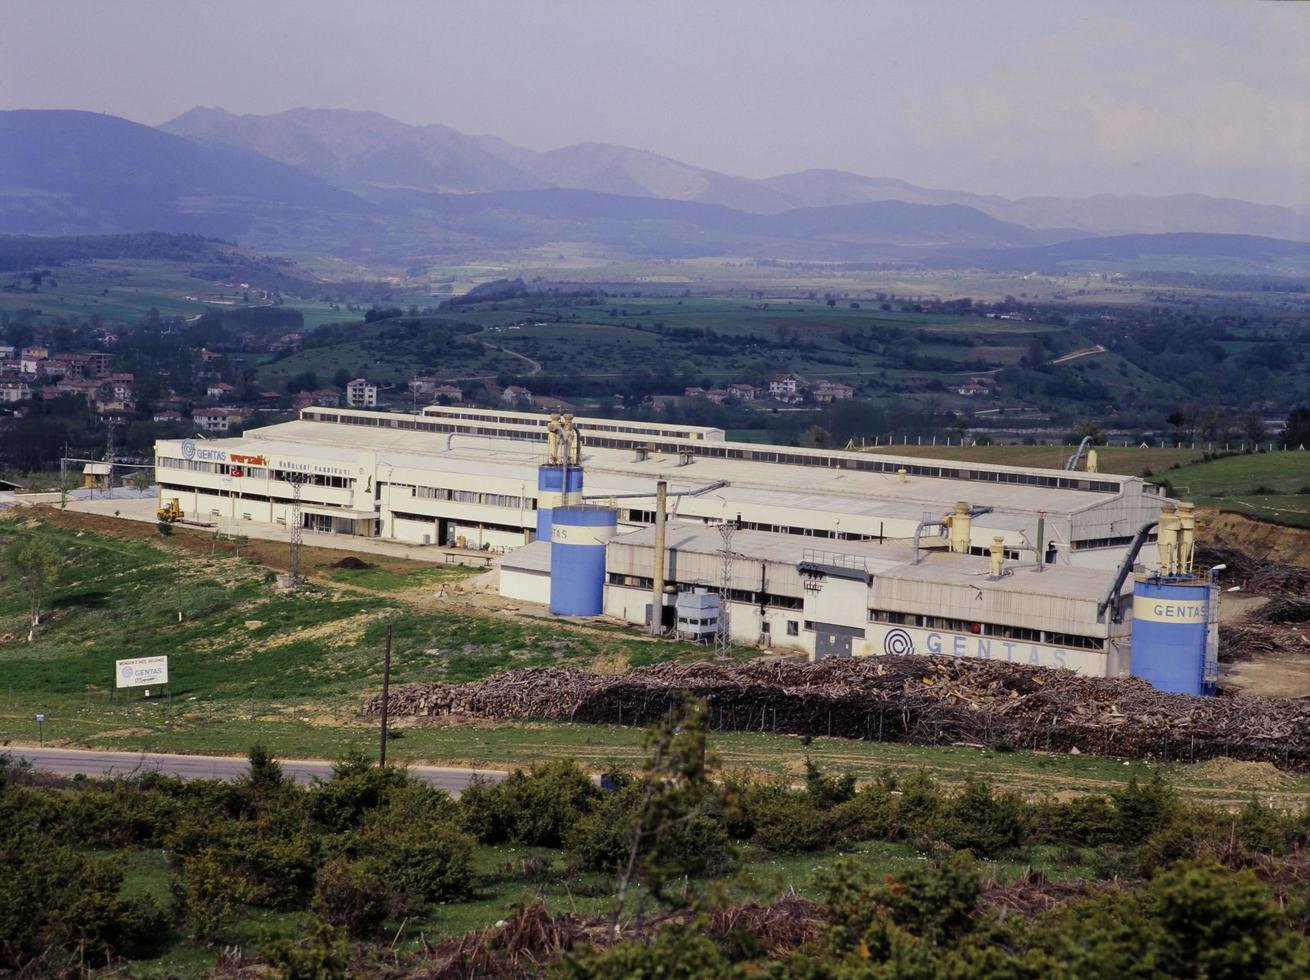 kalkon, 2021 - flygfoto över en träfabrik foto